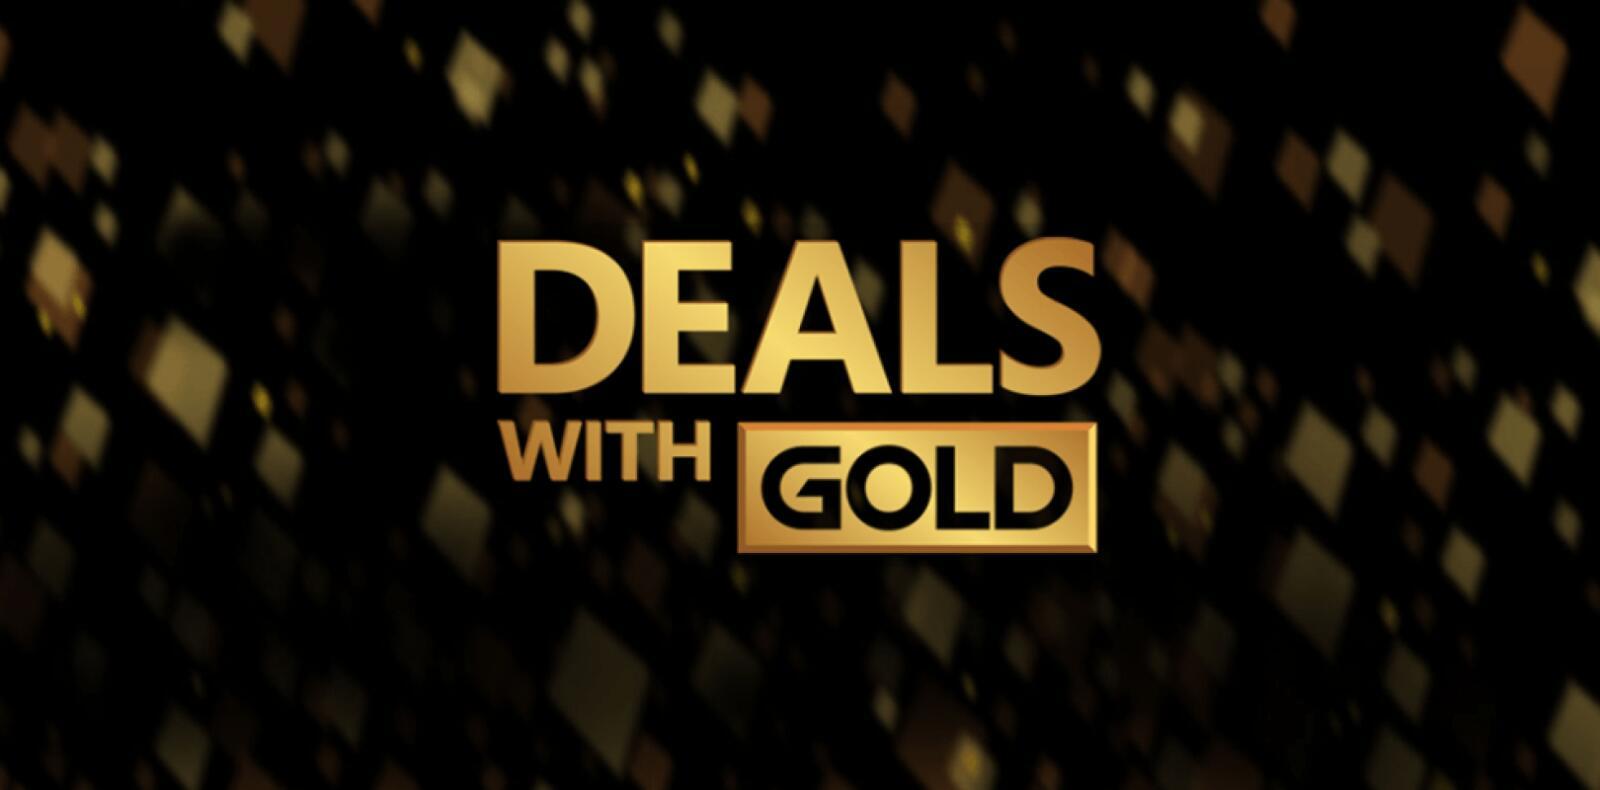 Xbox: Deals With Gold semana del 23 al 30 de marzo de 2021